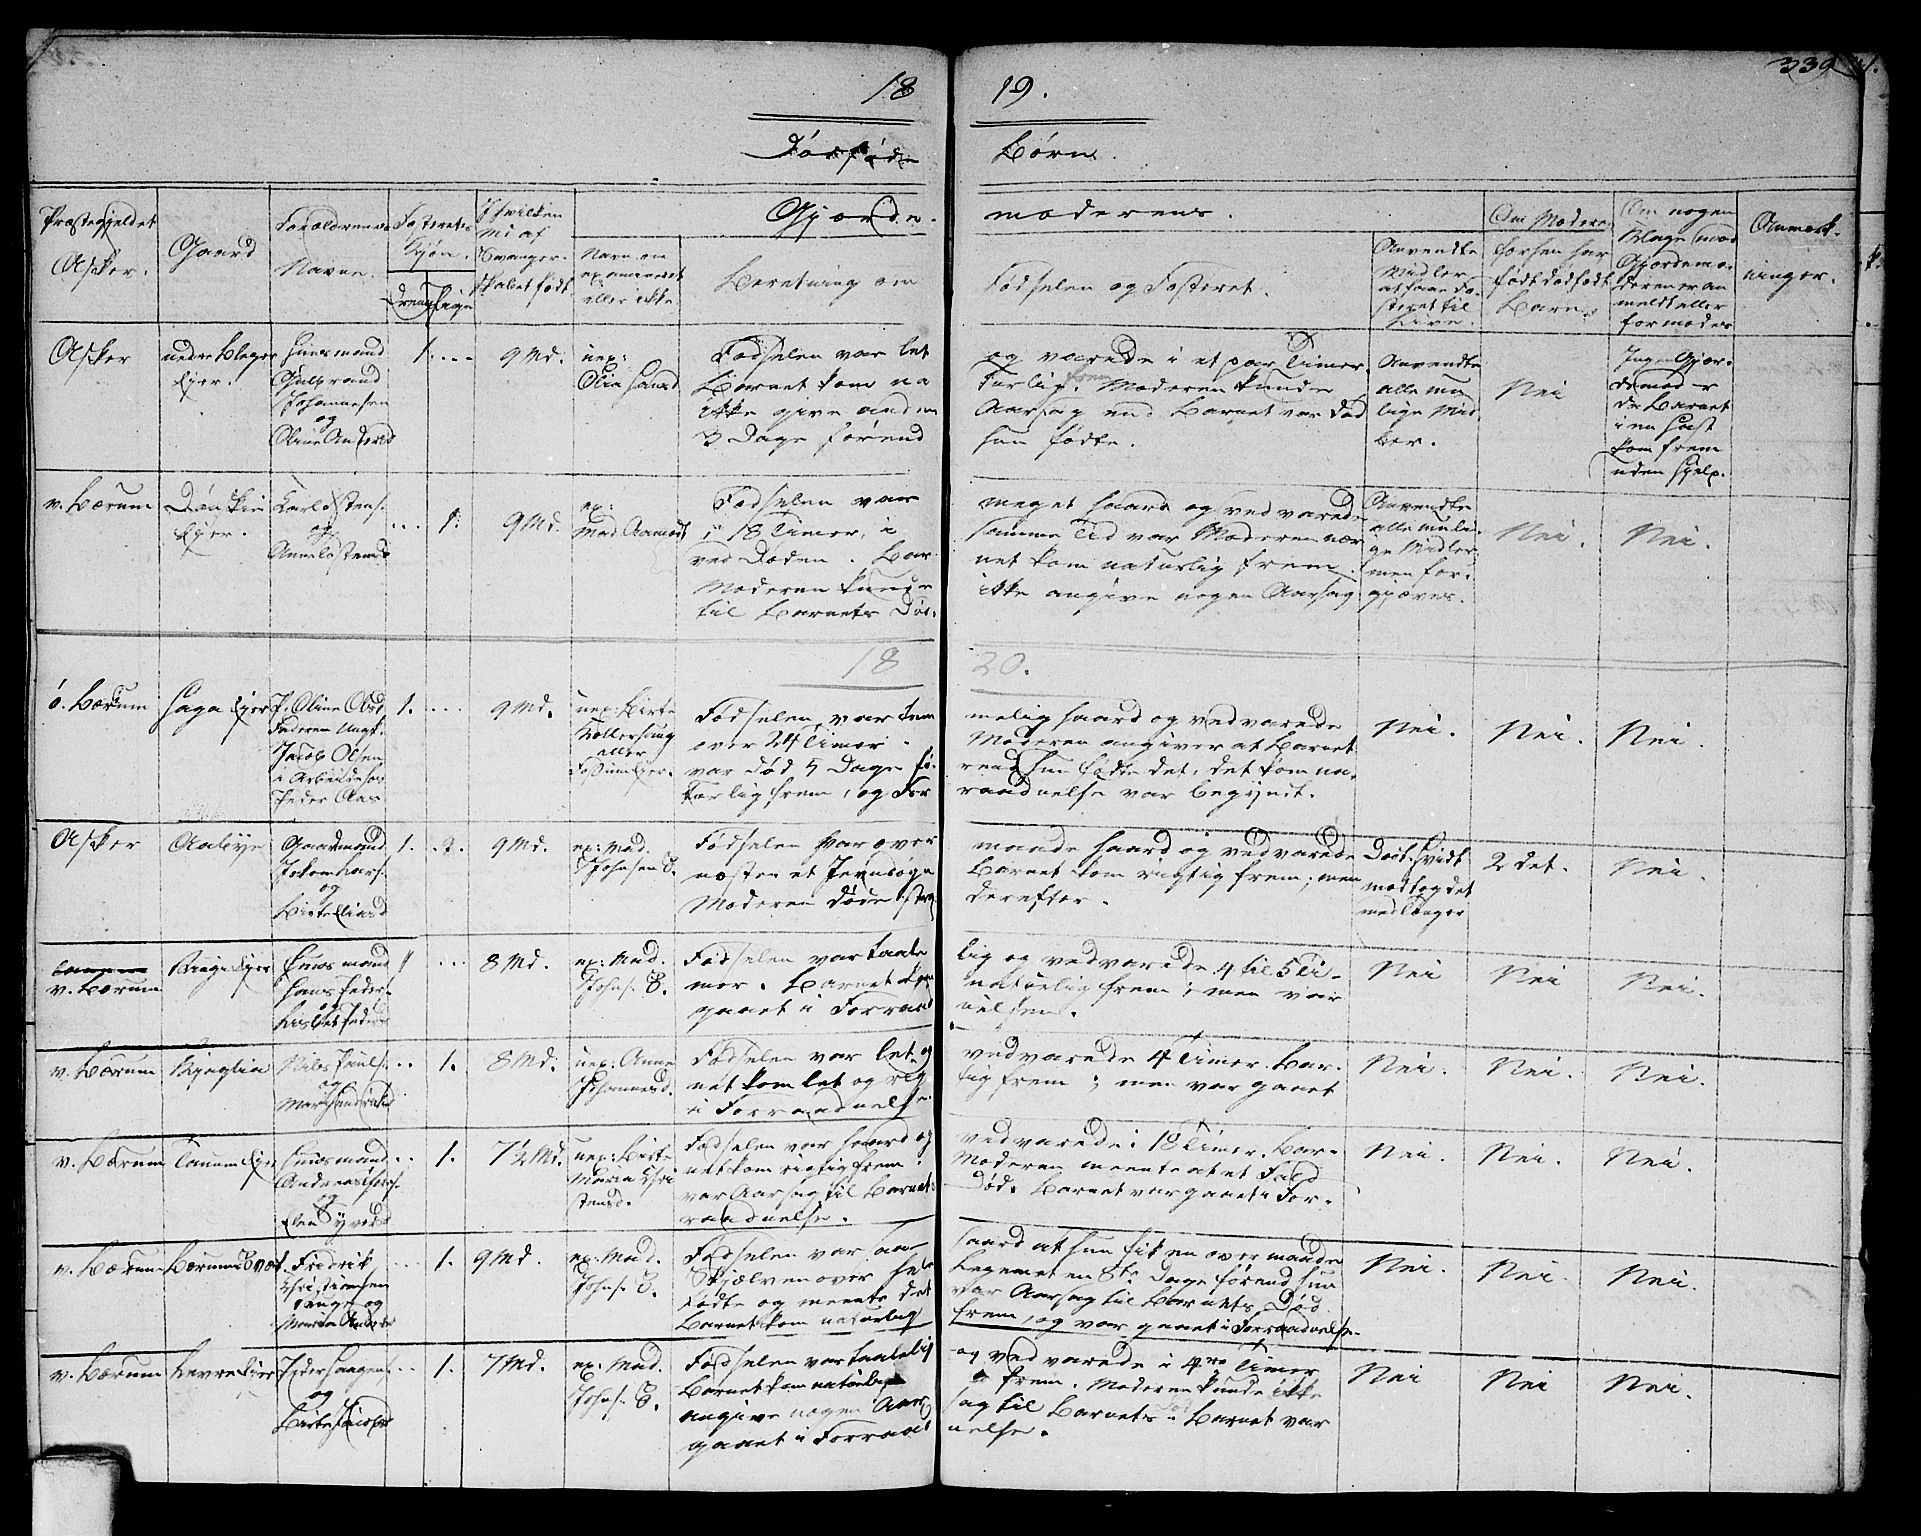 SAO, Asker prestekontor Kirkebøker, F/Fa/L0005: Ministerialbok nr. I 5, 1807-1813, s. 339